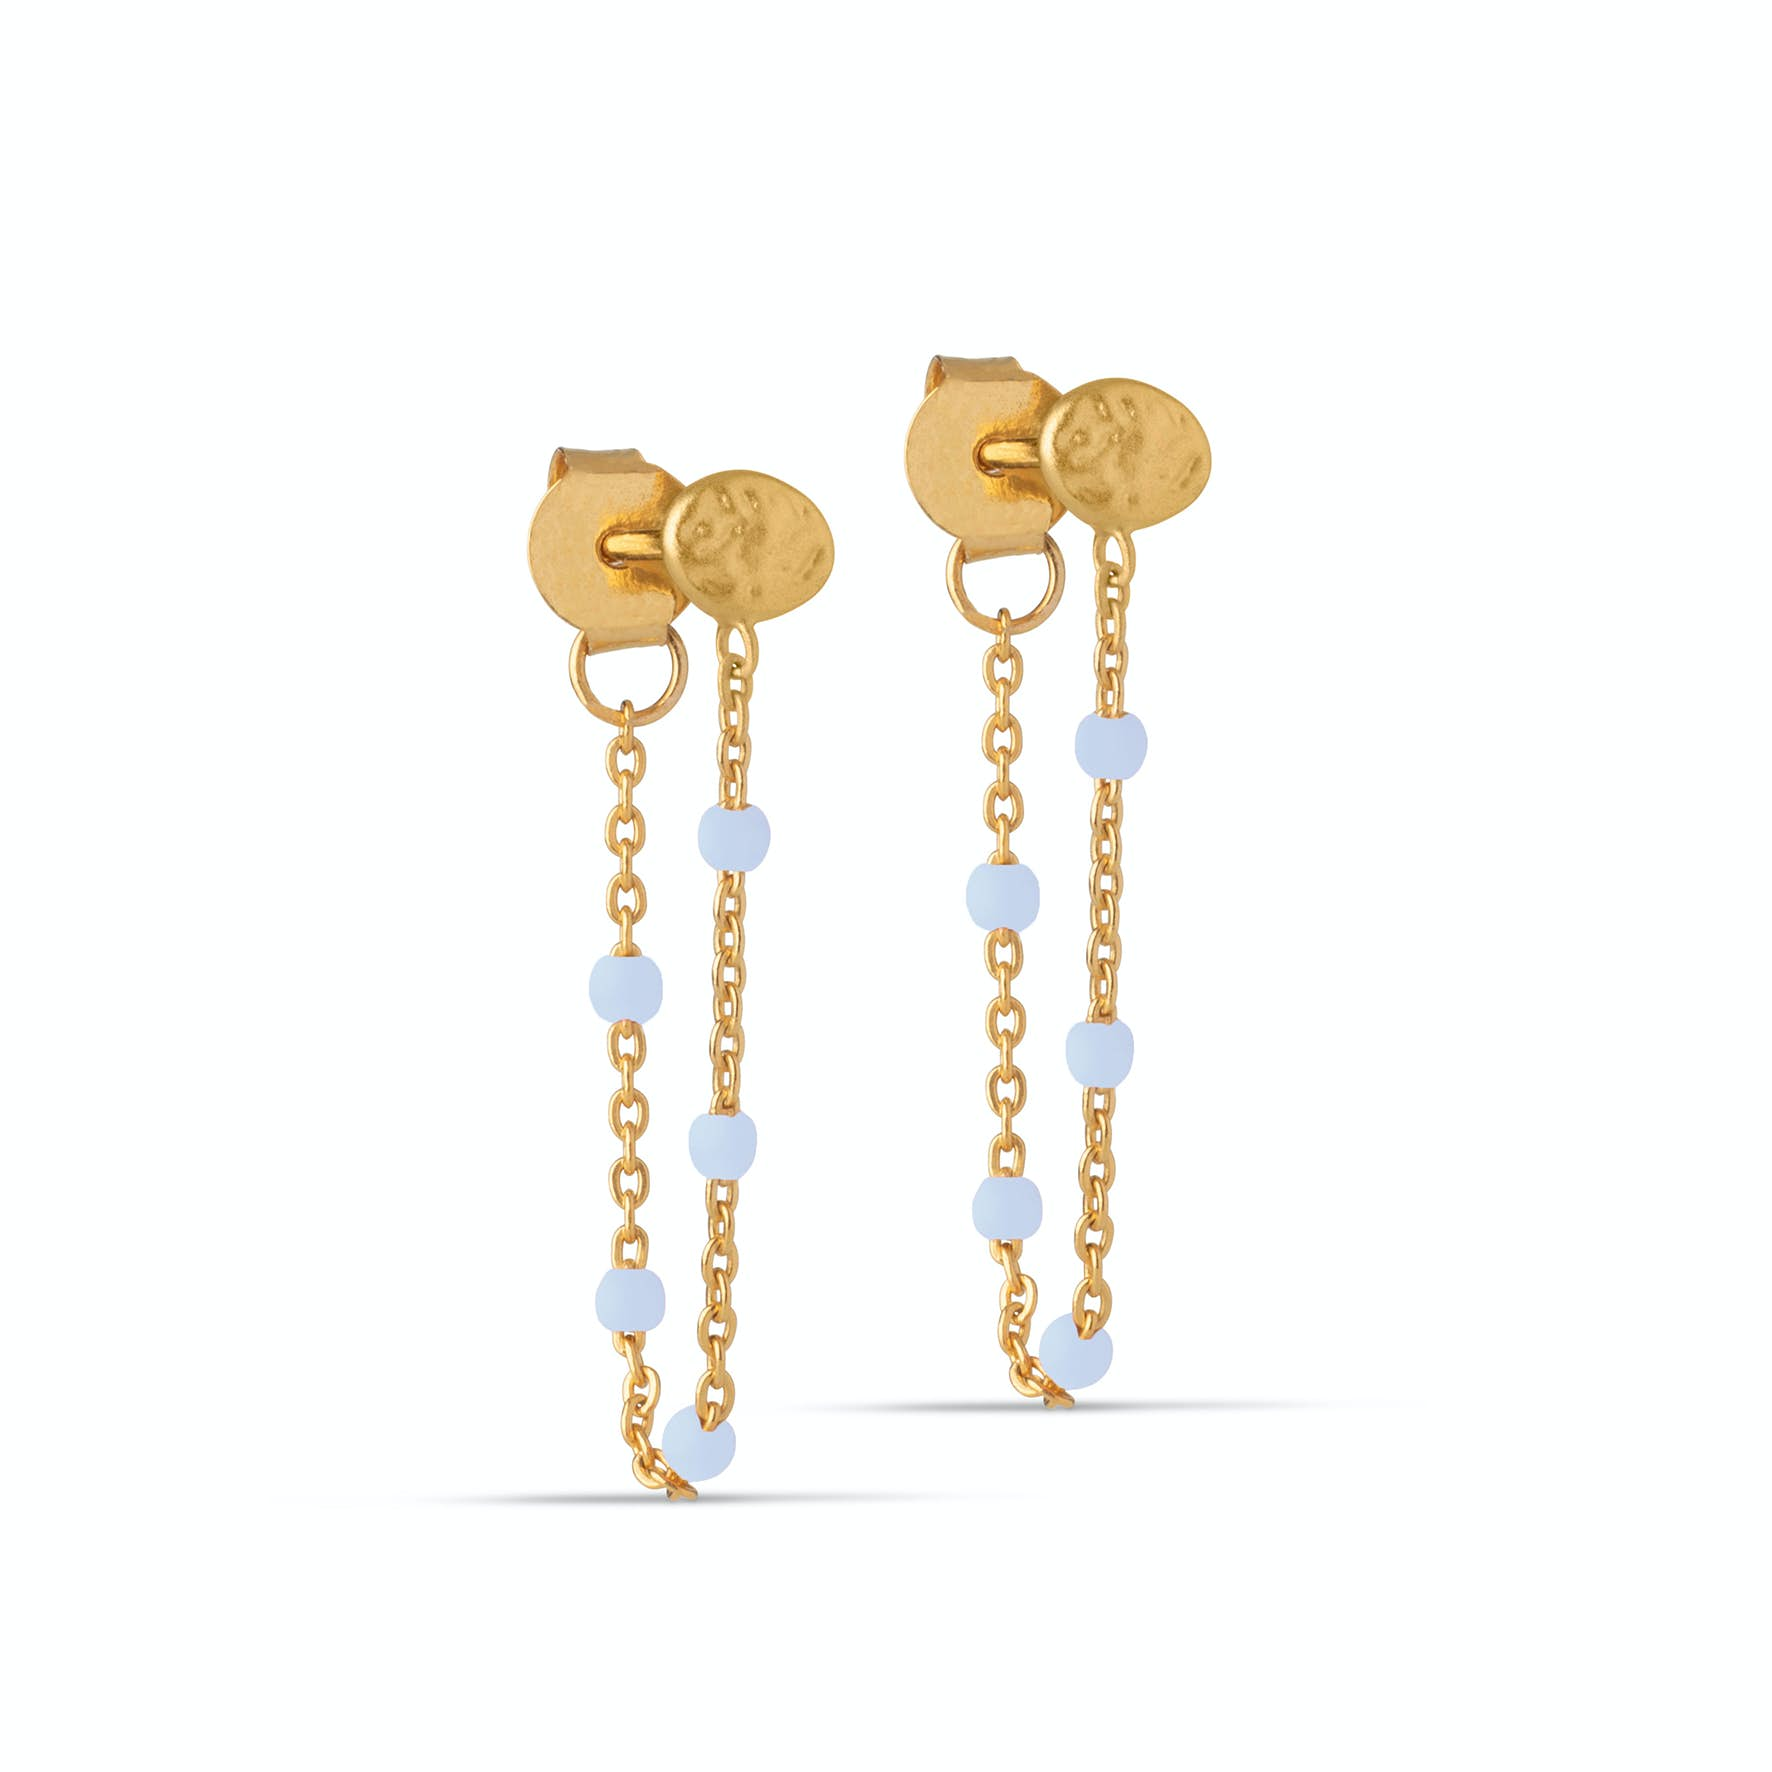 Lola Earrings Sky from Enamel Copenhagen in Goldplated-Silver Sterling 925